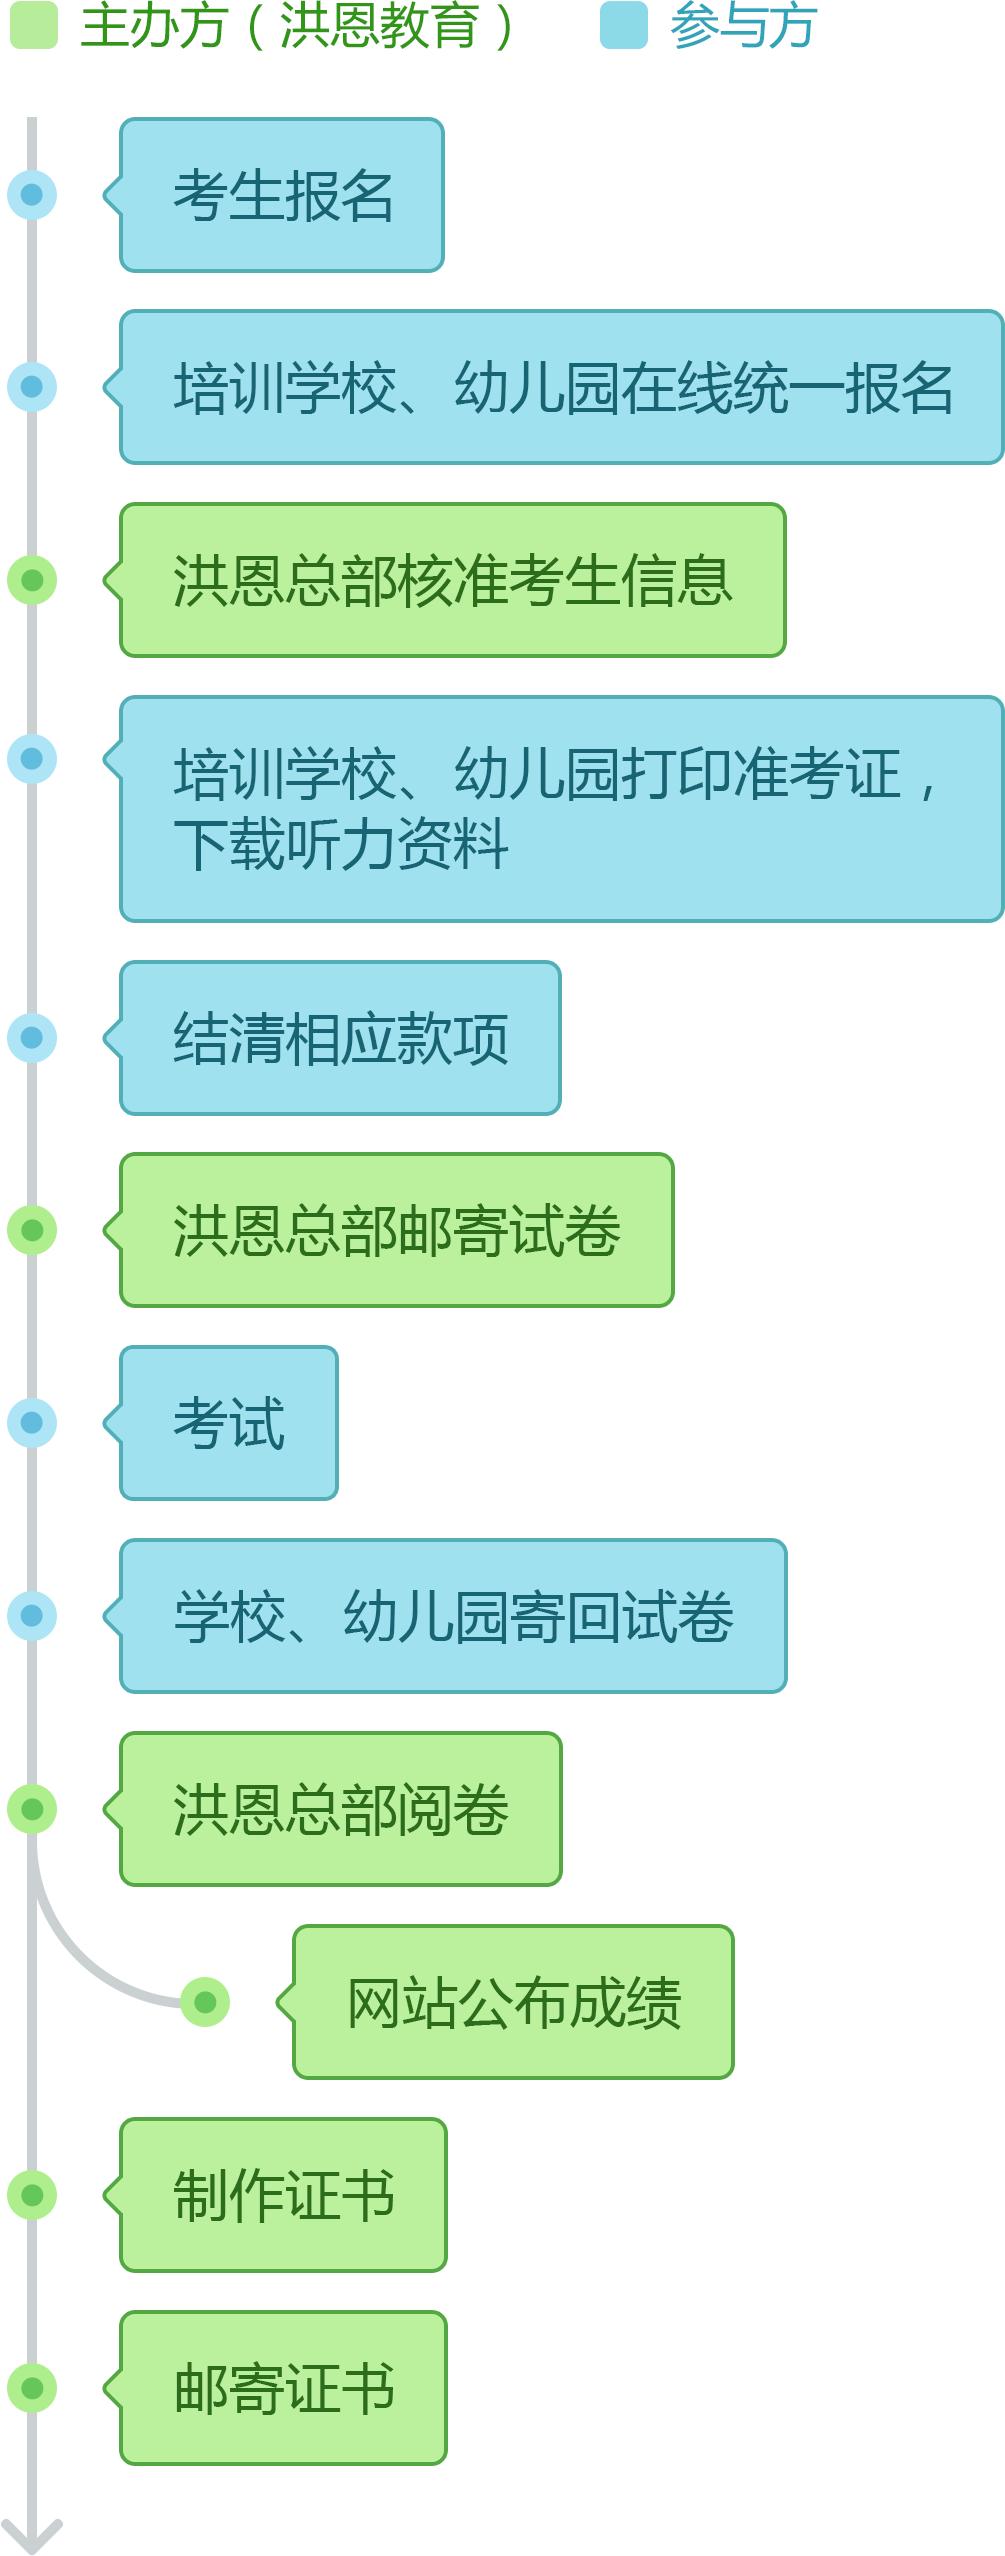 报名考试流程图